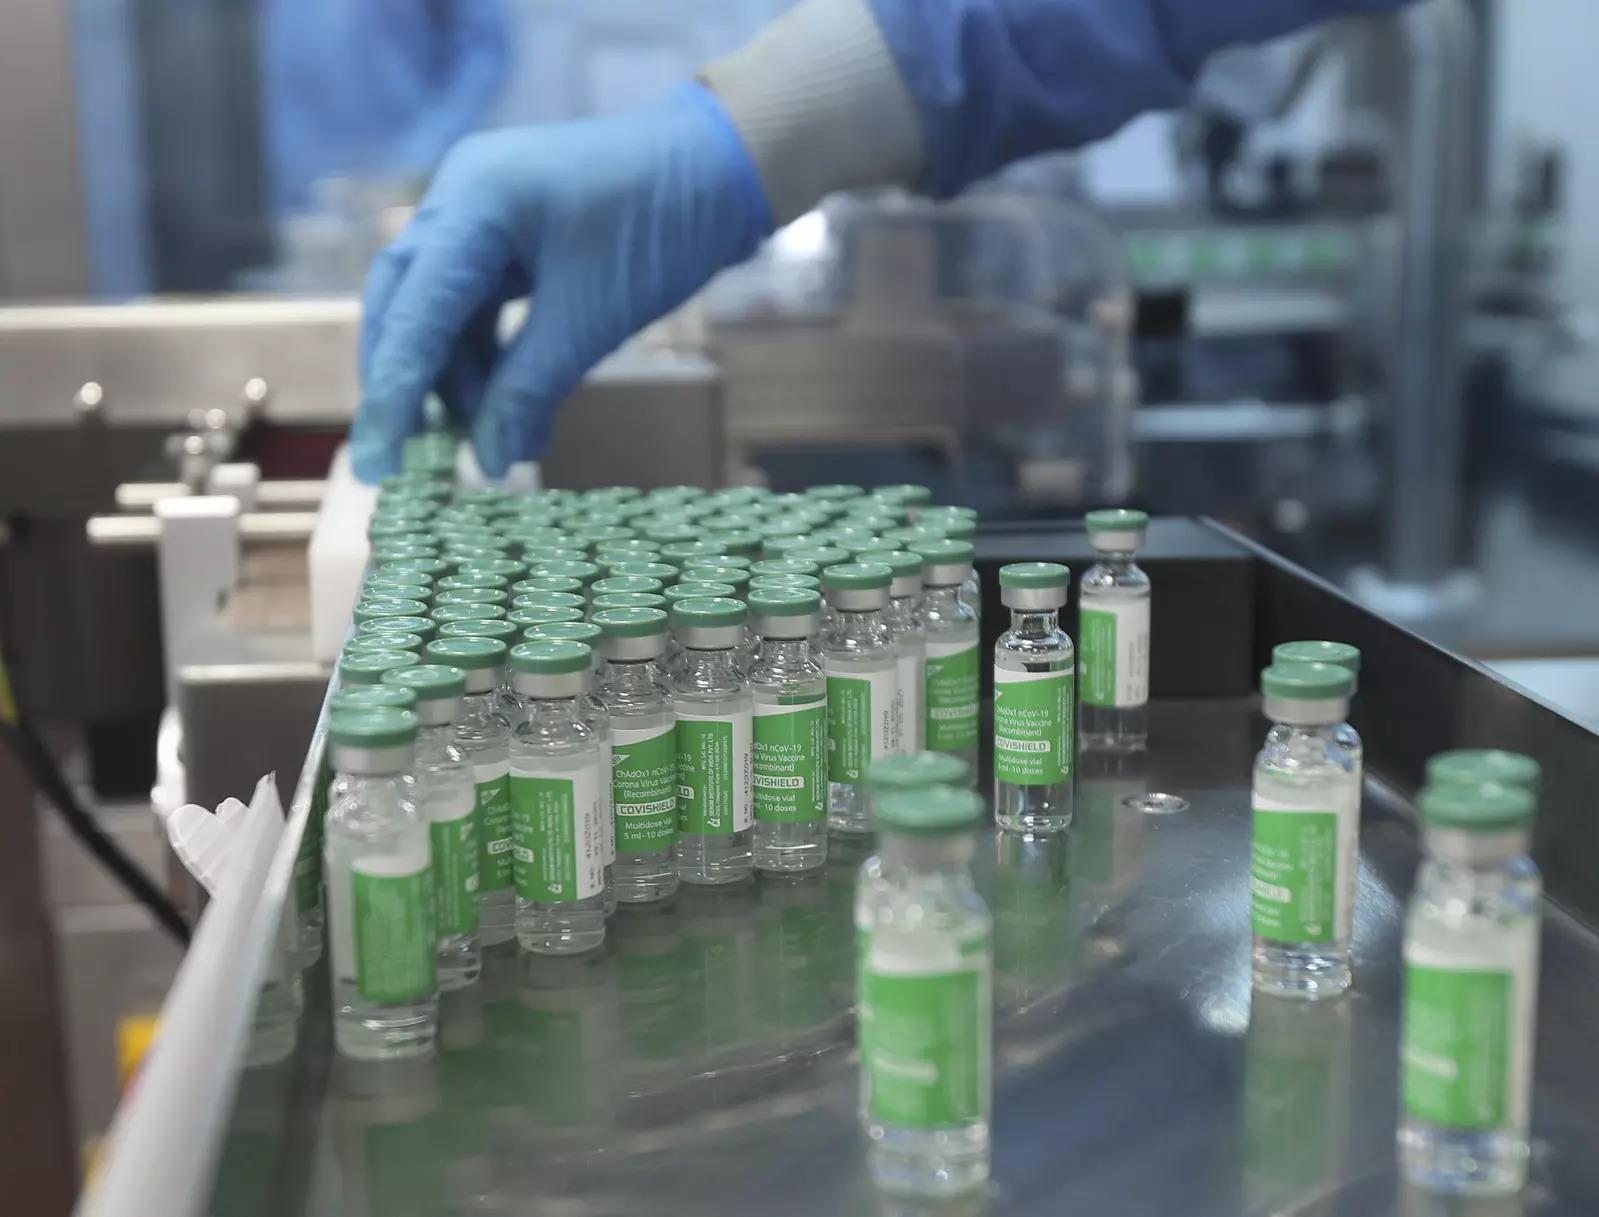 NHA प्रमुख: वैक्सीन की मांग-आपूर्ति का अंतर 11:1 से घटाकर 6.5:1 किया गया – ET HealthWorld